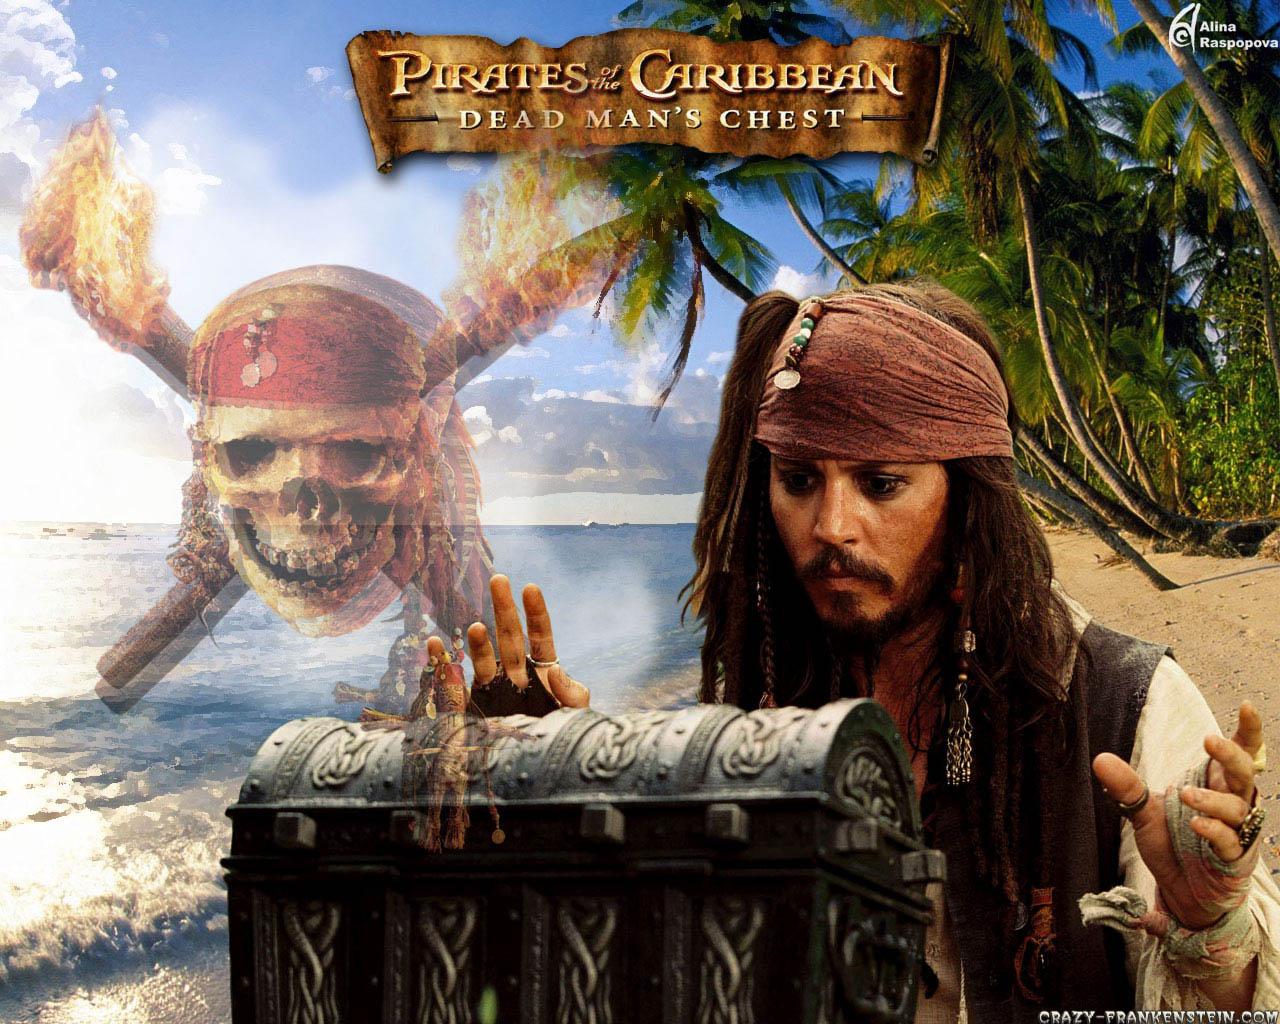 http://2.bp.blogspot.com/_e08tXXFmPM8/TSSwbkEsVeI/AAAAAAAAAR0/i8ymEYtvjsg/s1600/dead-mans-chest-pirates-of-the-caribbean-wallpaper.jpg